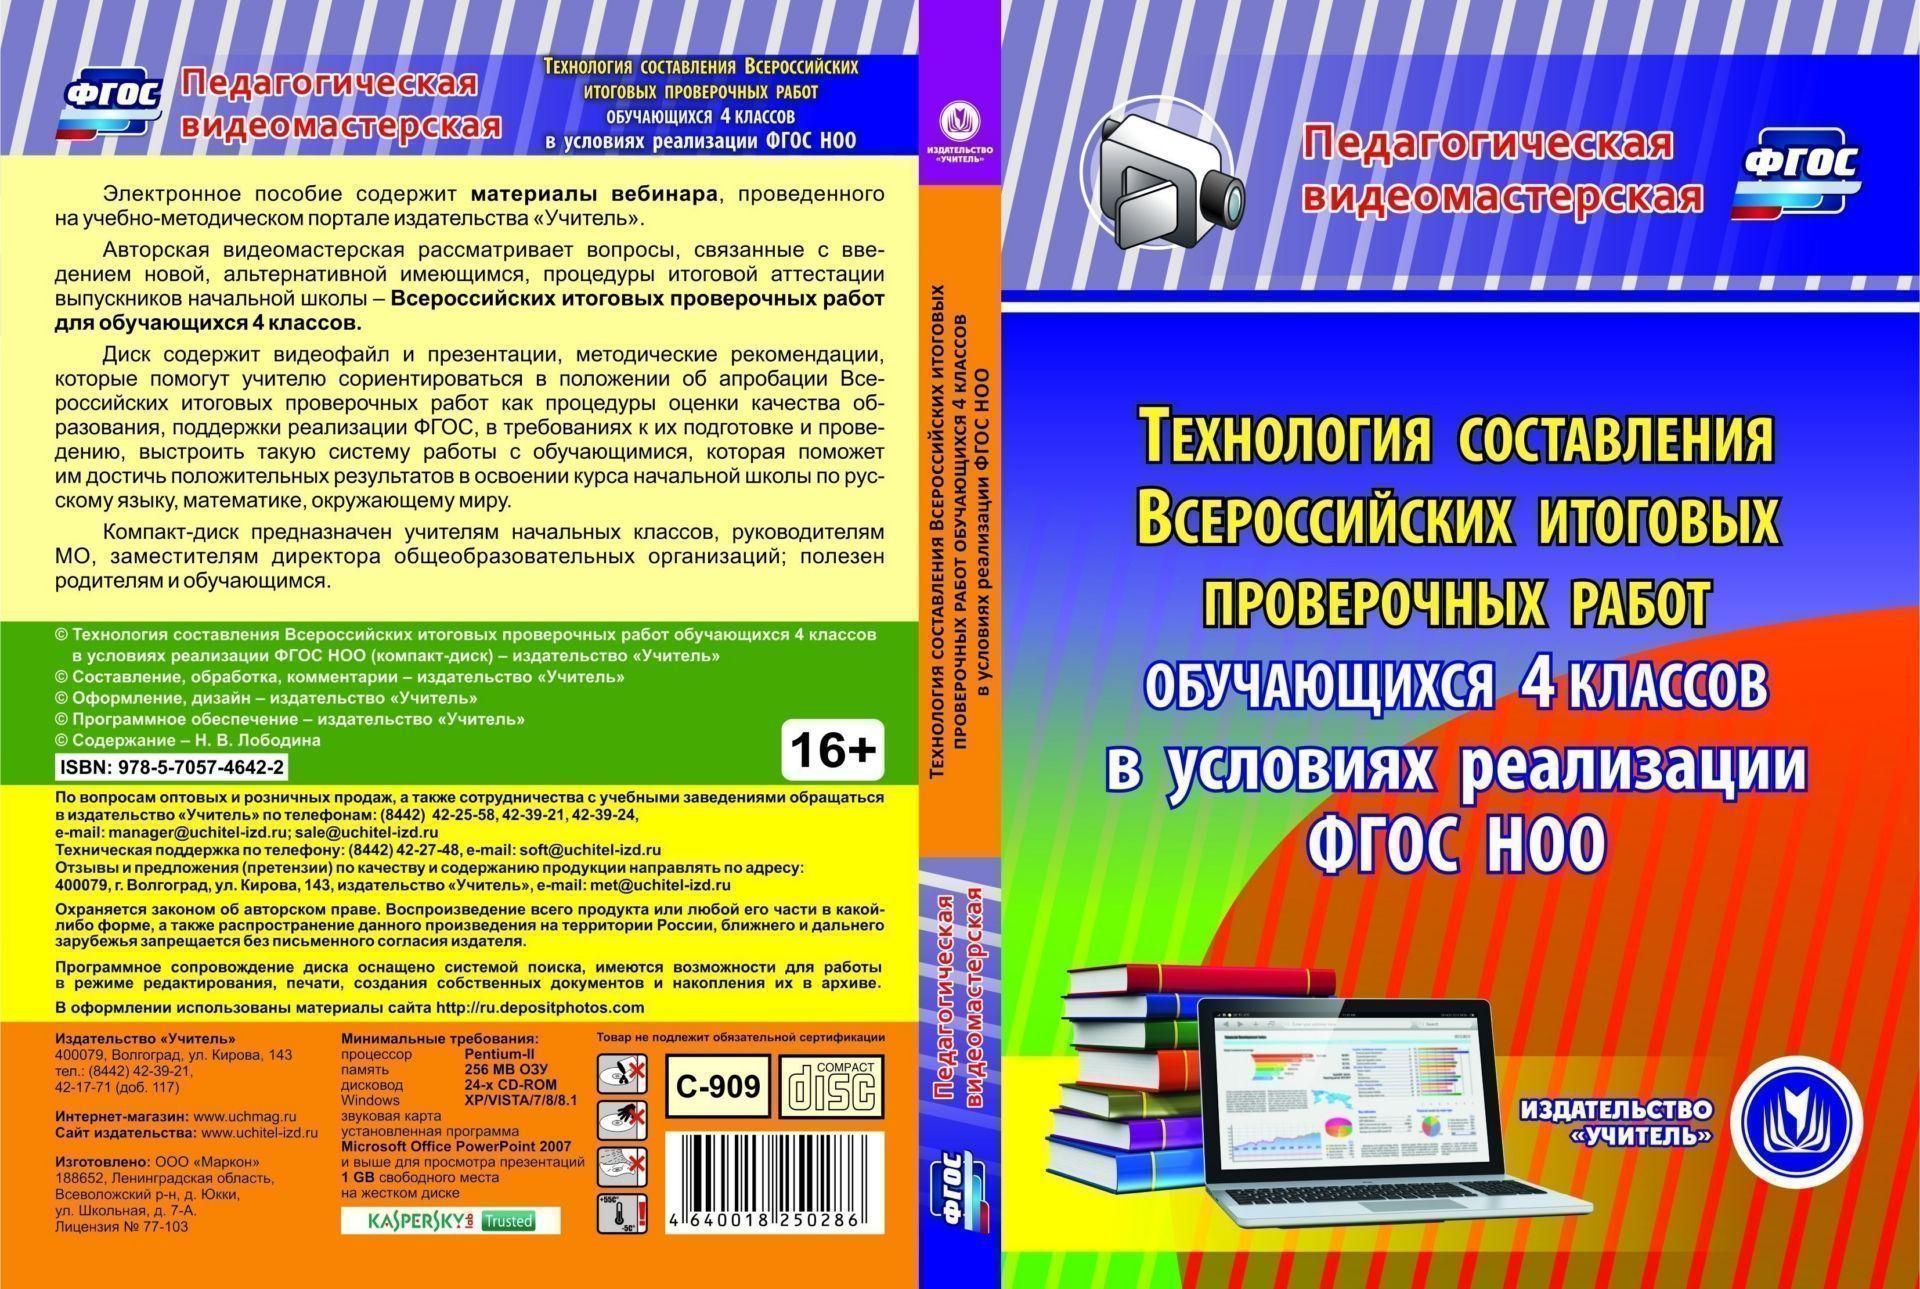 Технология составления Всероссийских итоговых проверочных работ обучающихся 4 классов в условиях реализации ФГОС НОО. Программа для установки через Интернет